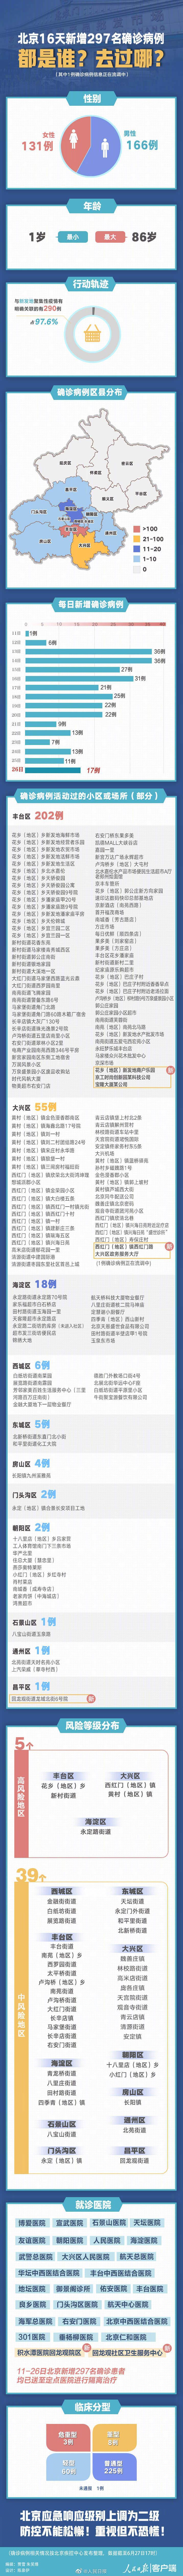 转扩!北京16天新增297例都去过哪?图片